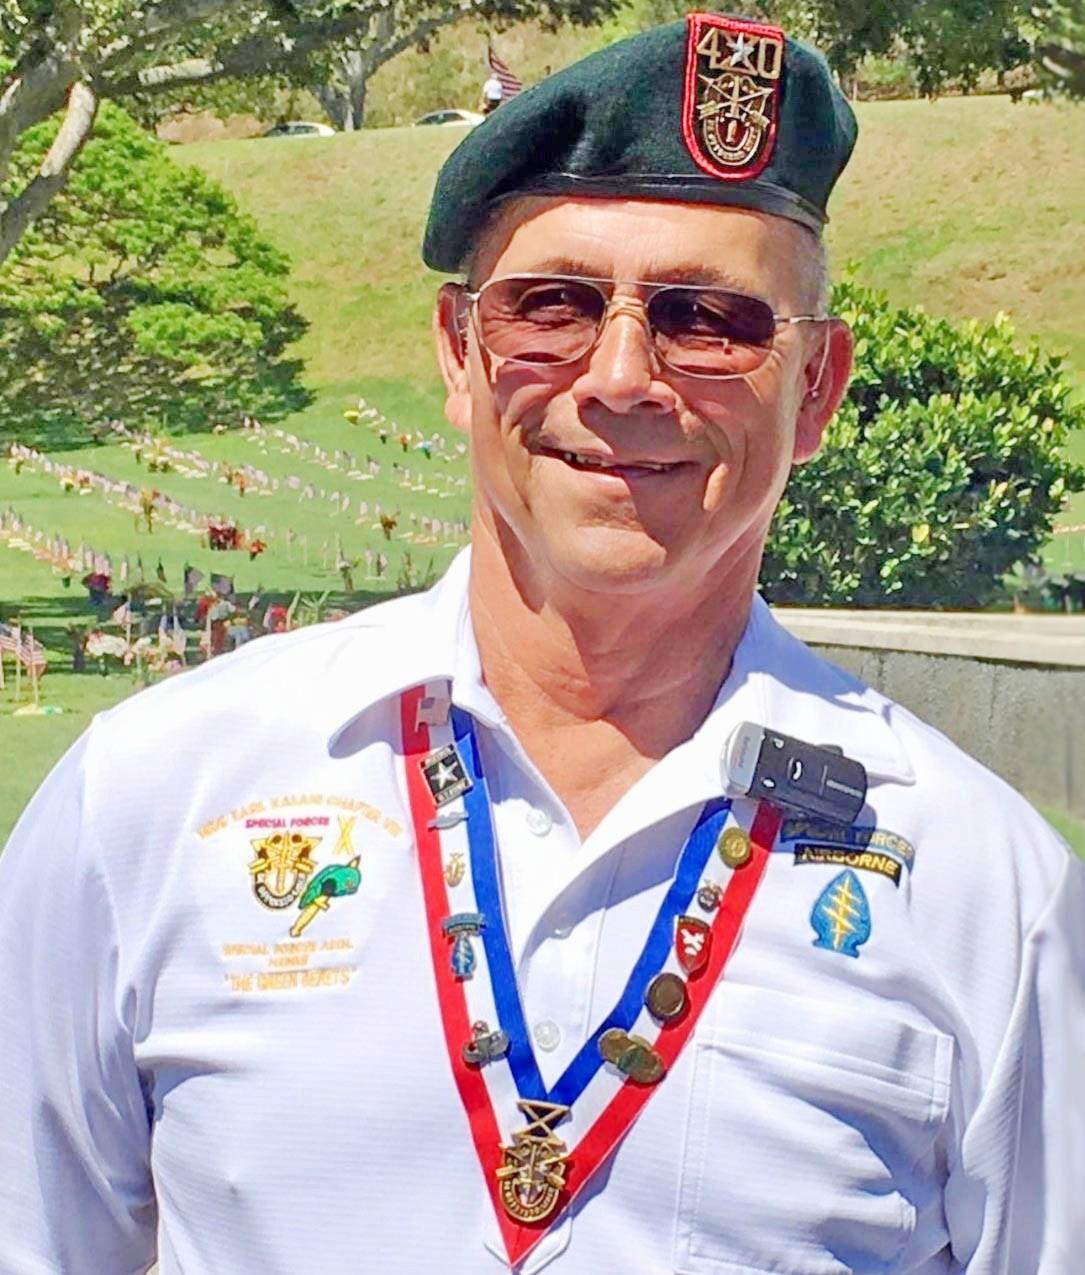 Robert N. Silva